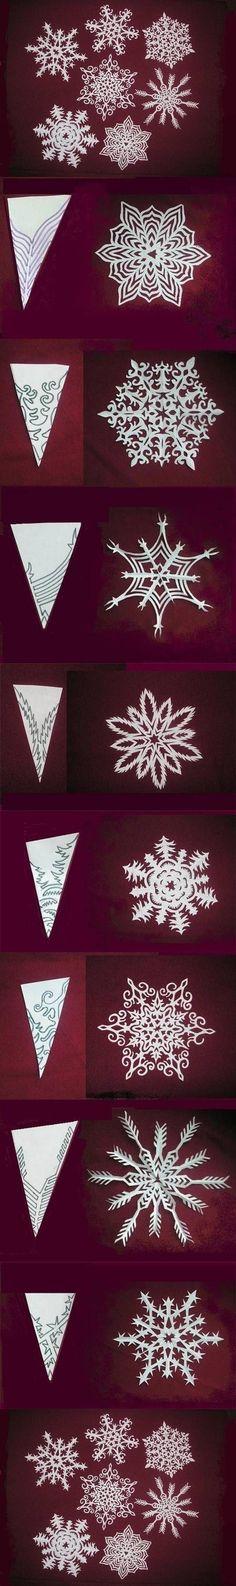 DIY Snowflakes Paper Pattern Tutorial DIY Snowflakes Paper Pattern Tutorial by catrulz